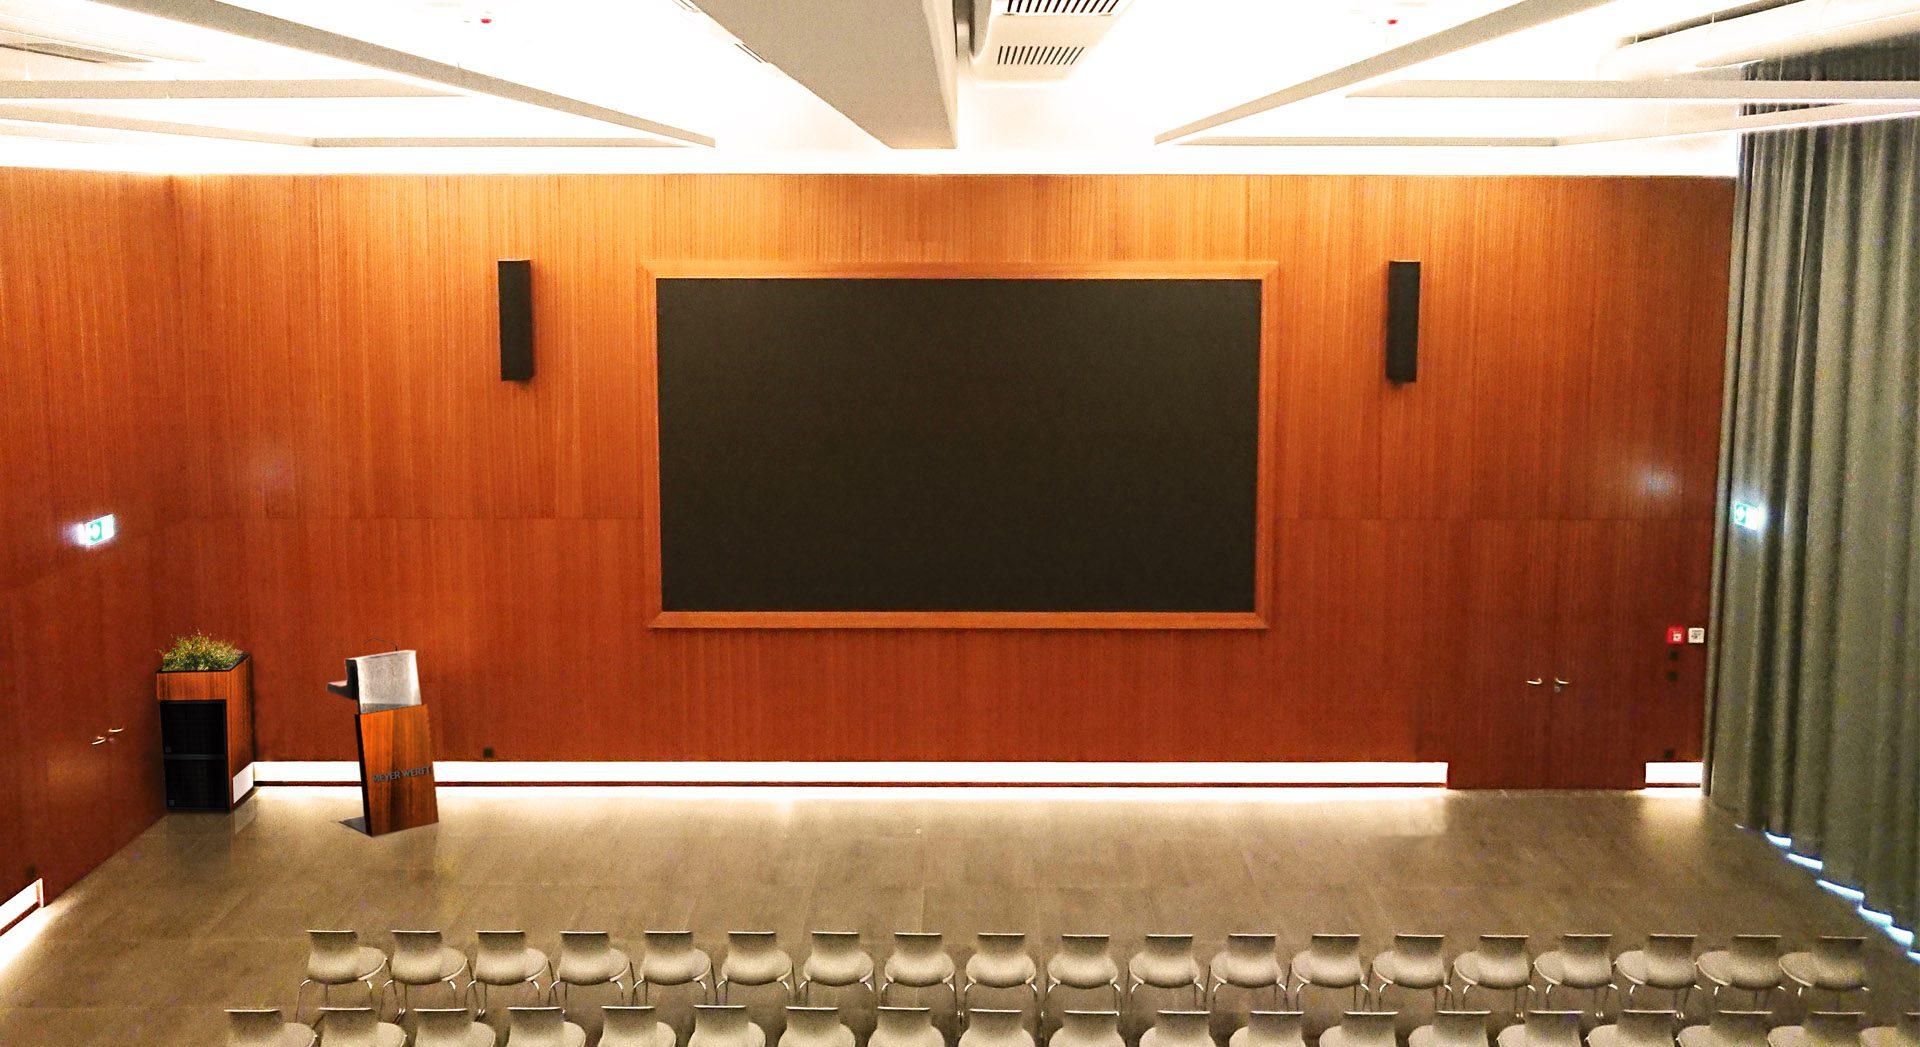 Gewerbearchitektur; Architektur; Innenarchitektur; Saal; Veranstaltung; Lichtkonzept; Tagung; Fortbildung; Hörsaal; Flötotto; Pro Chair; Meyer Werft; video wall; Videowand; LED-Wand; led-wall;